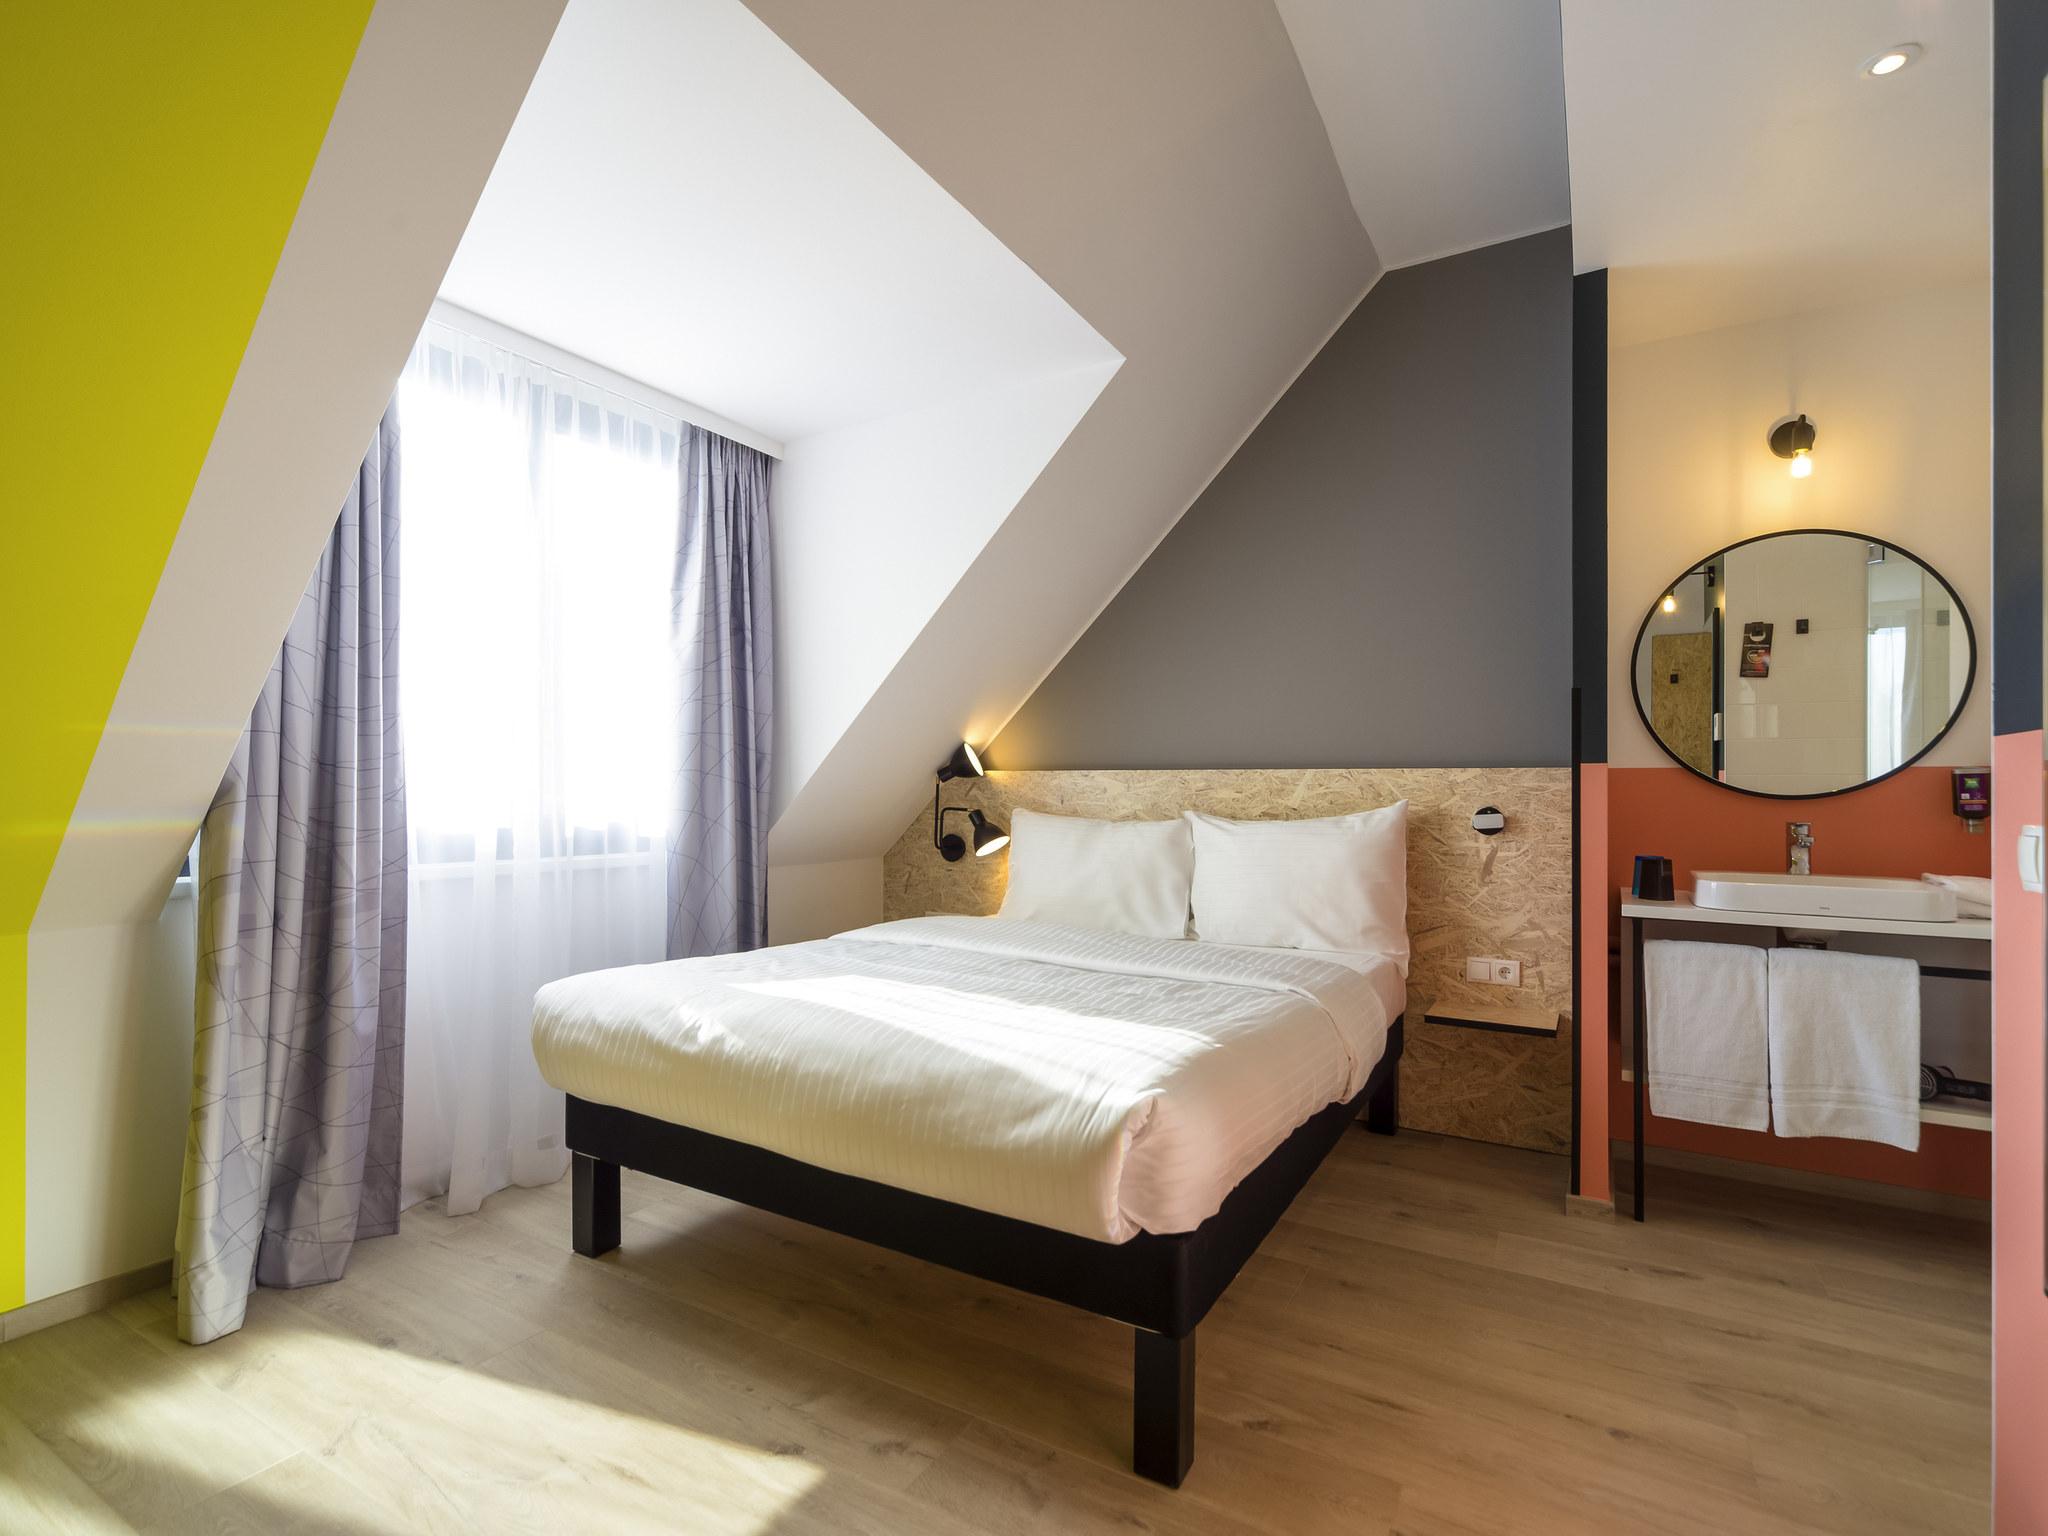 Отель — ibis Styles Вена Мессе Пратер (открытие в ноябре 2018 г.)